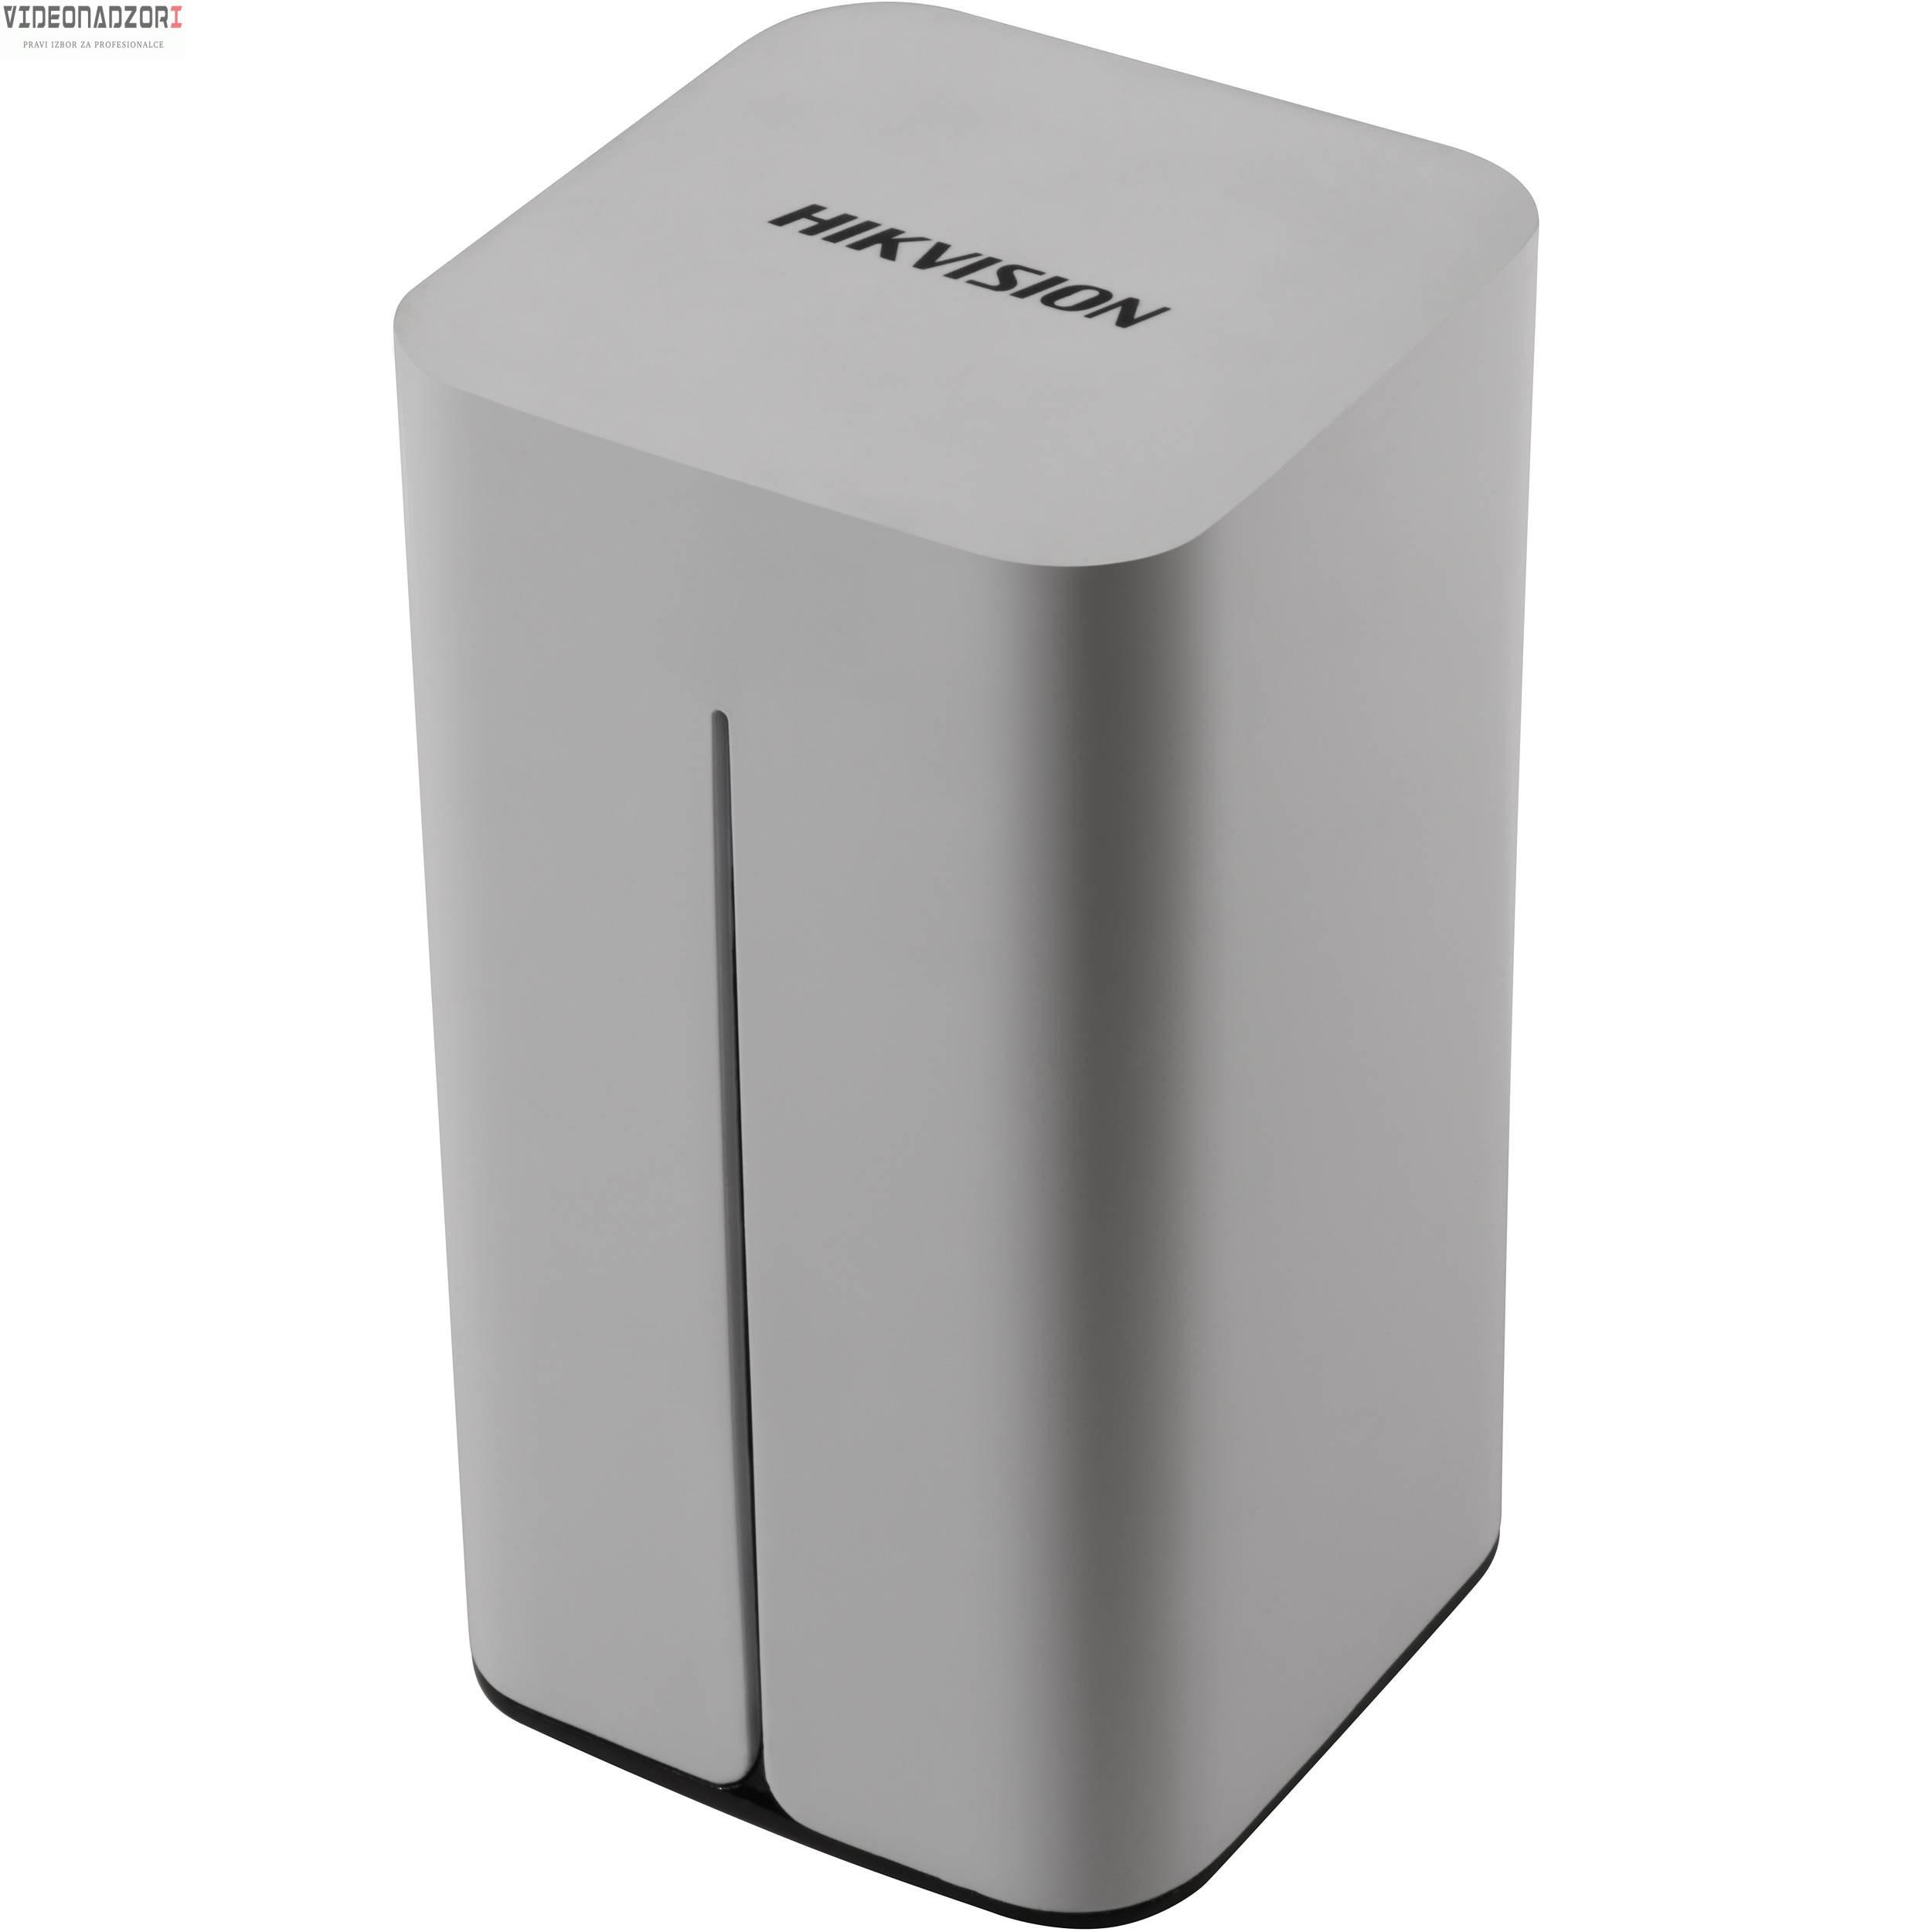 Bežični IP video snimač DS-7108NI-E1/V/W prodavac VideoNadzori Hrvatska  za 2.000,00kn